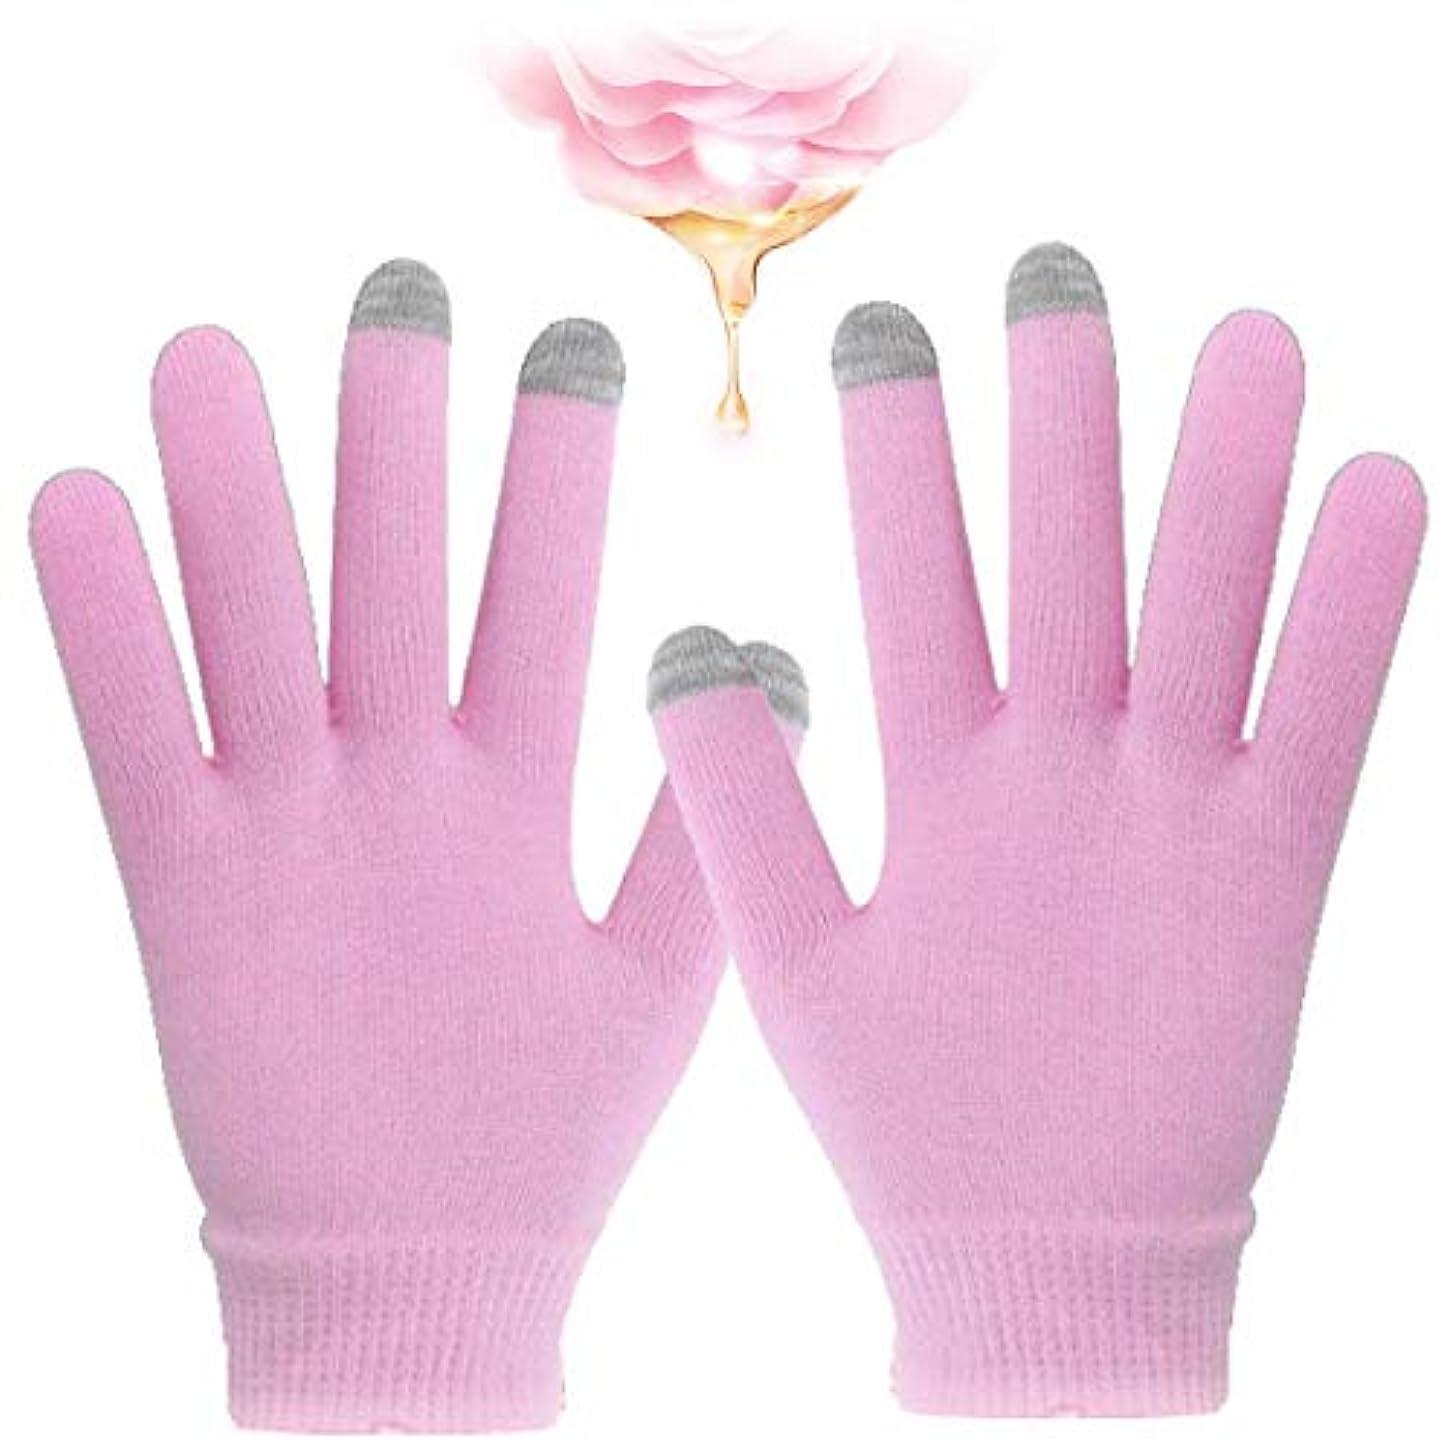 ストライドなめらかな教会ハンドケア 手袋 スマホ対応 手袋 ゲル 保湿 美容成分配合 手荒れ 対策 おやすみ スキンケア グローブ うるおい 保護 タブレット